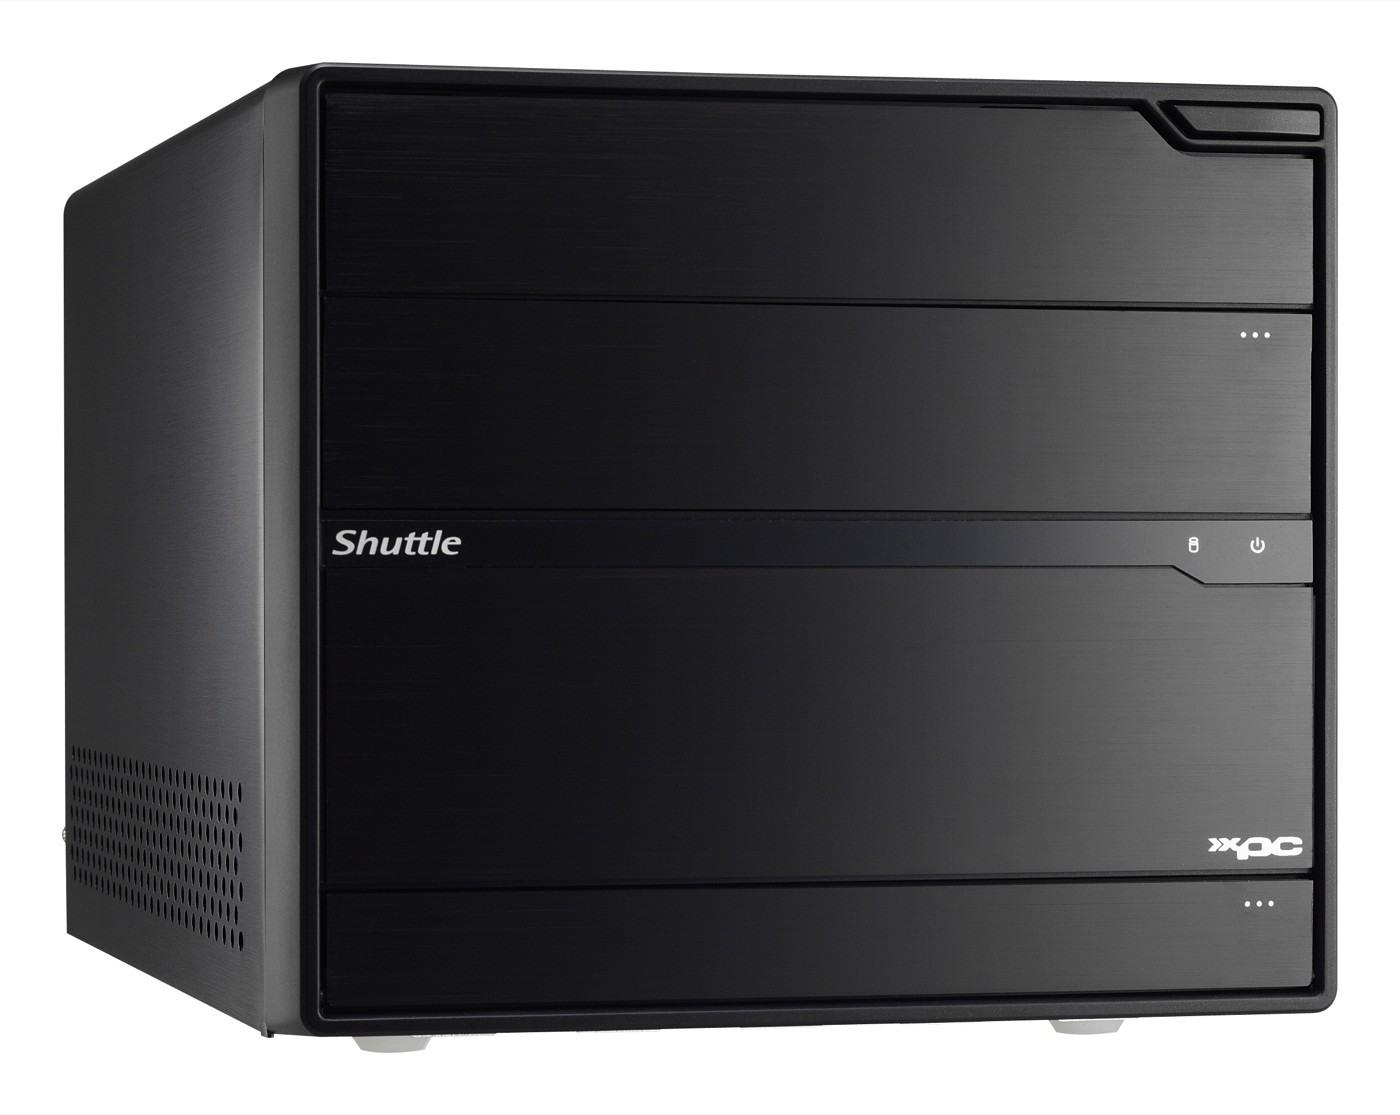 Shuttle SX79R5